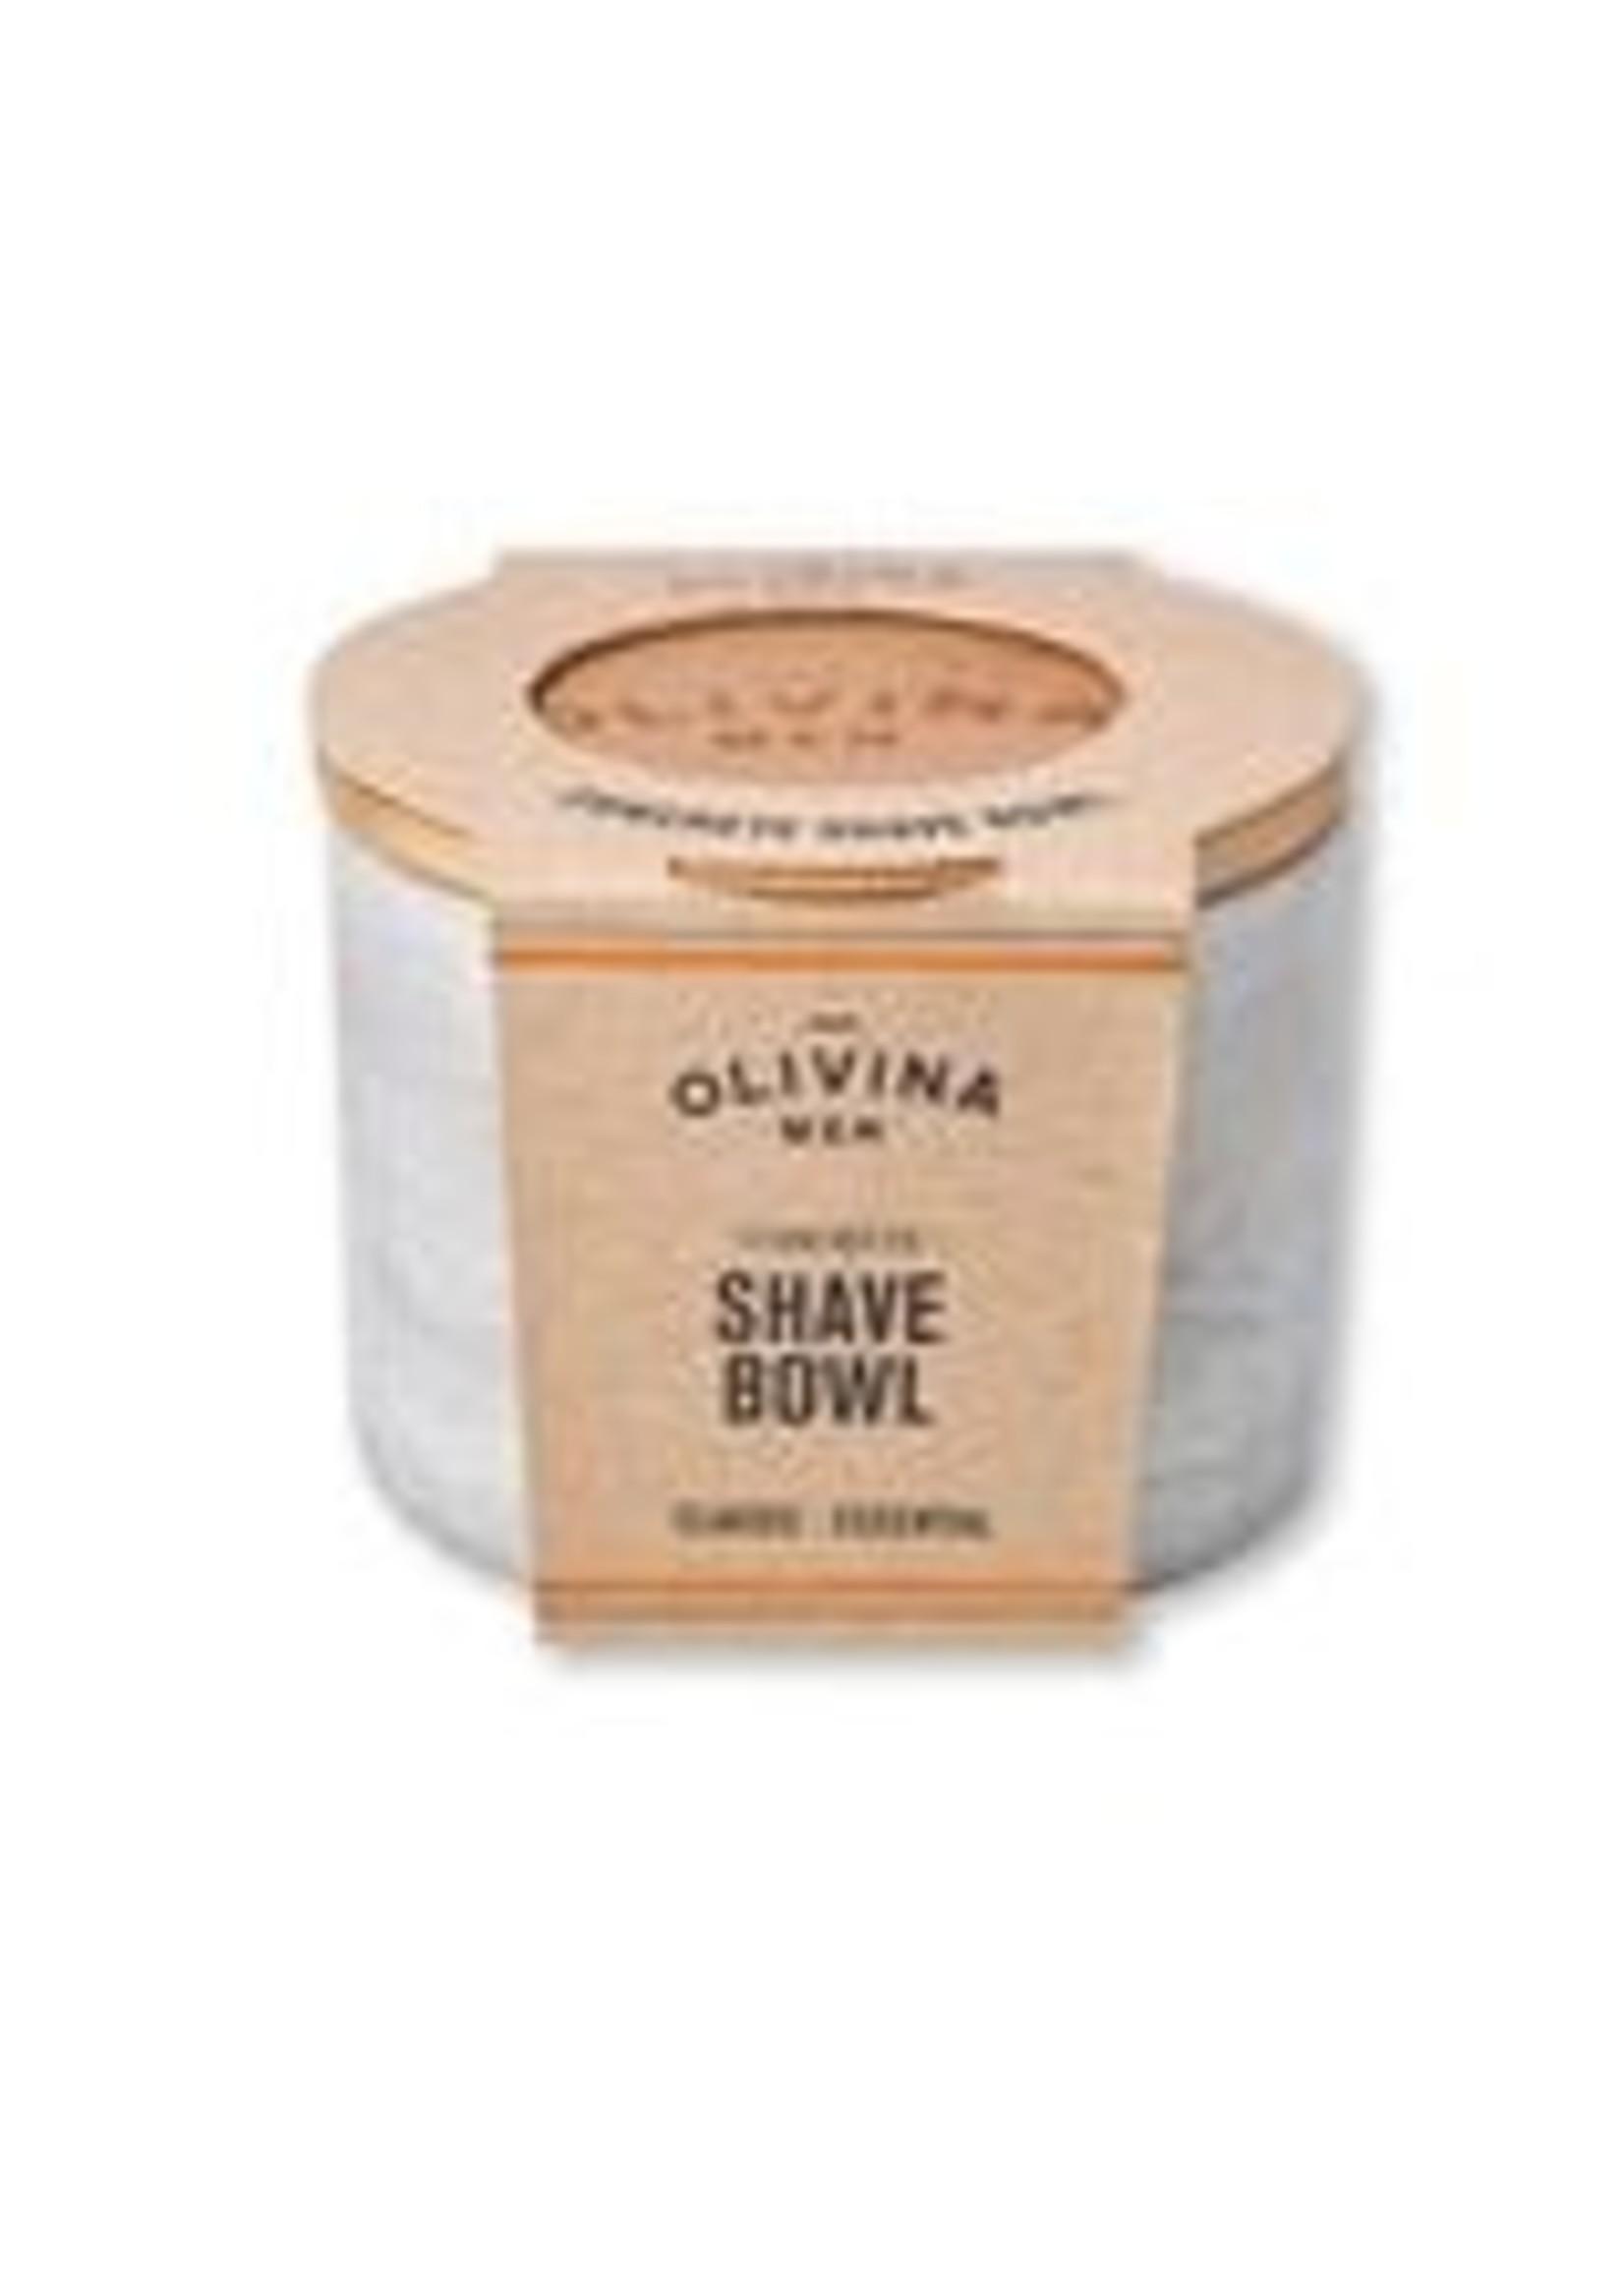 Olivina Olivina Shave Bowl